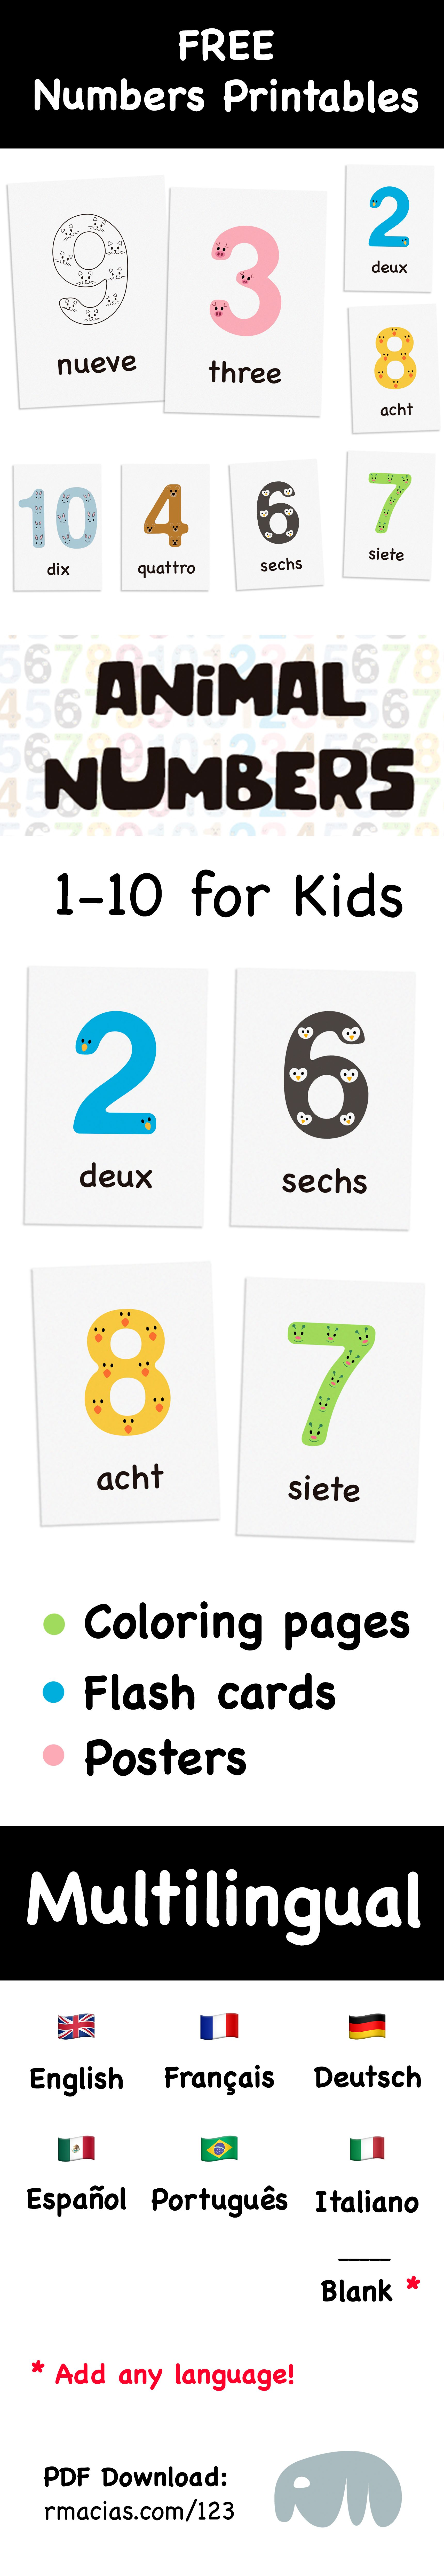 1 10 Animal Numbers For Preschool Kids Free Multilingual Numbers P